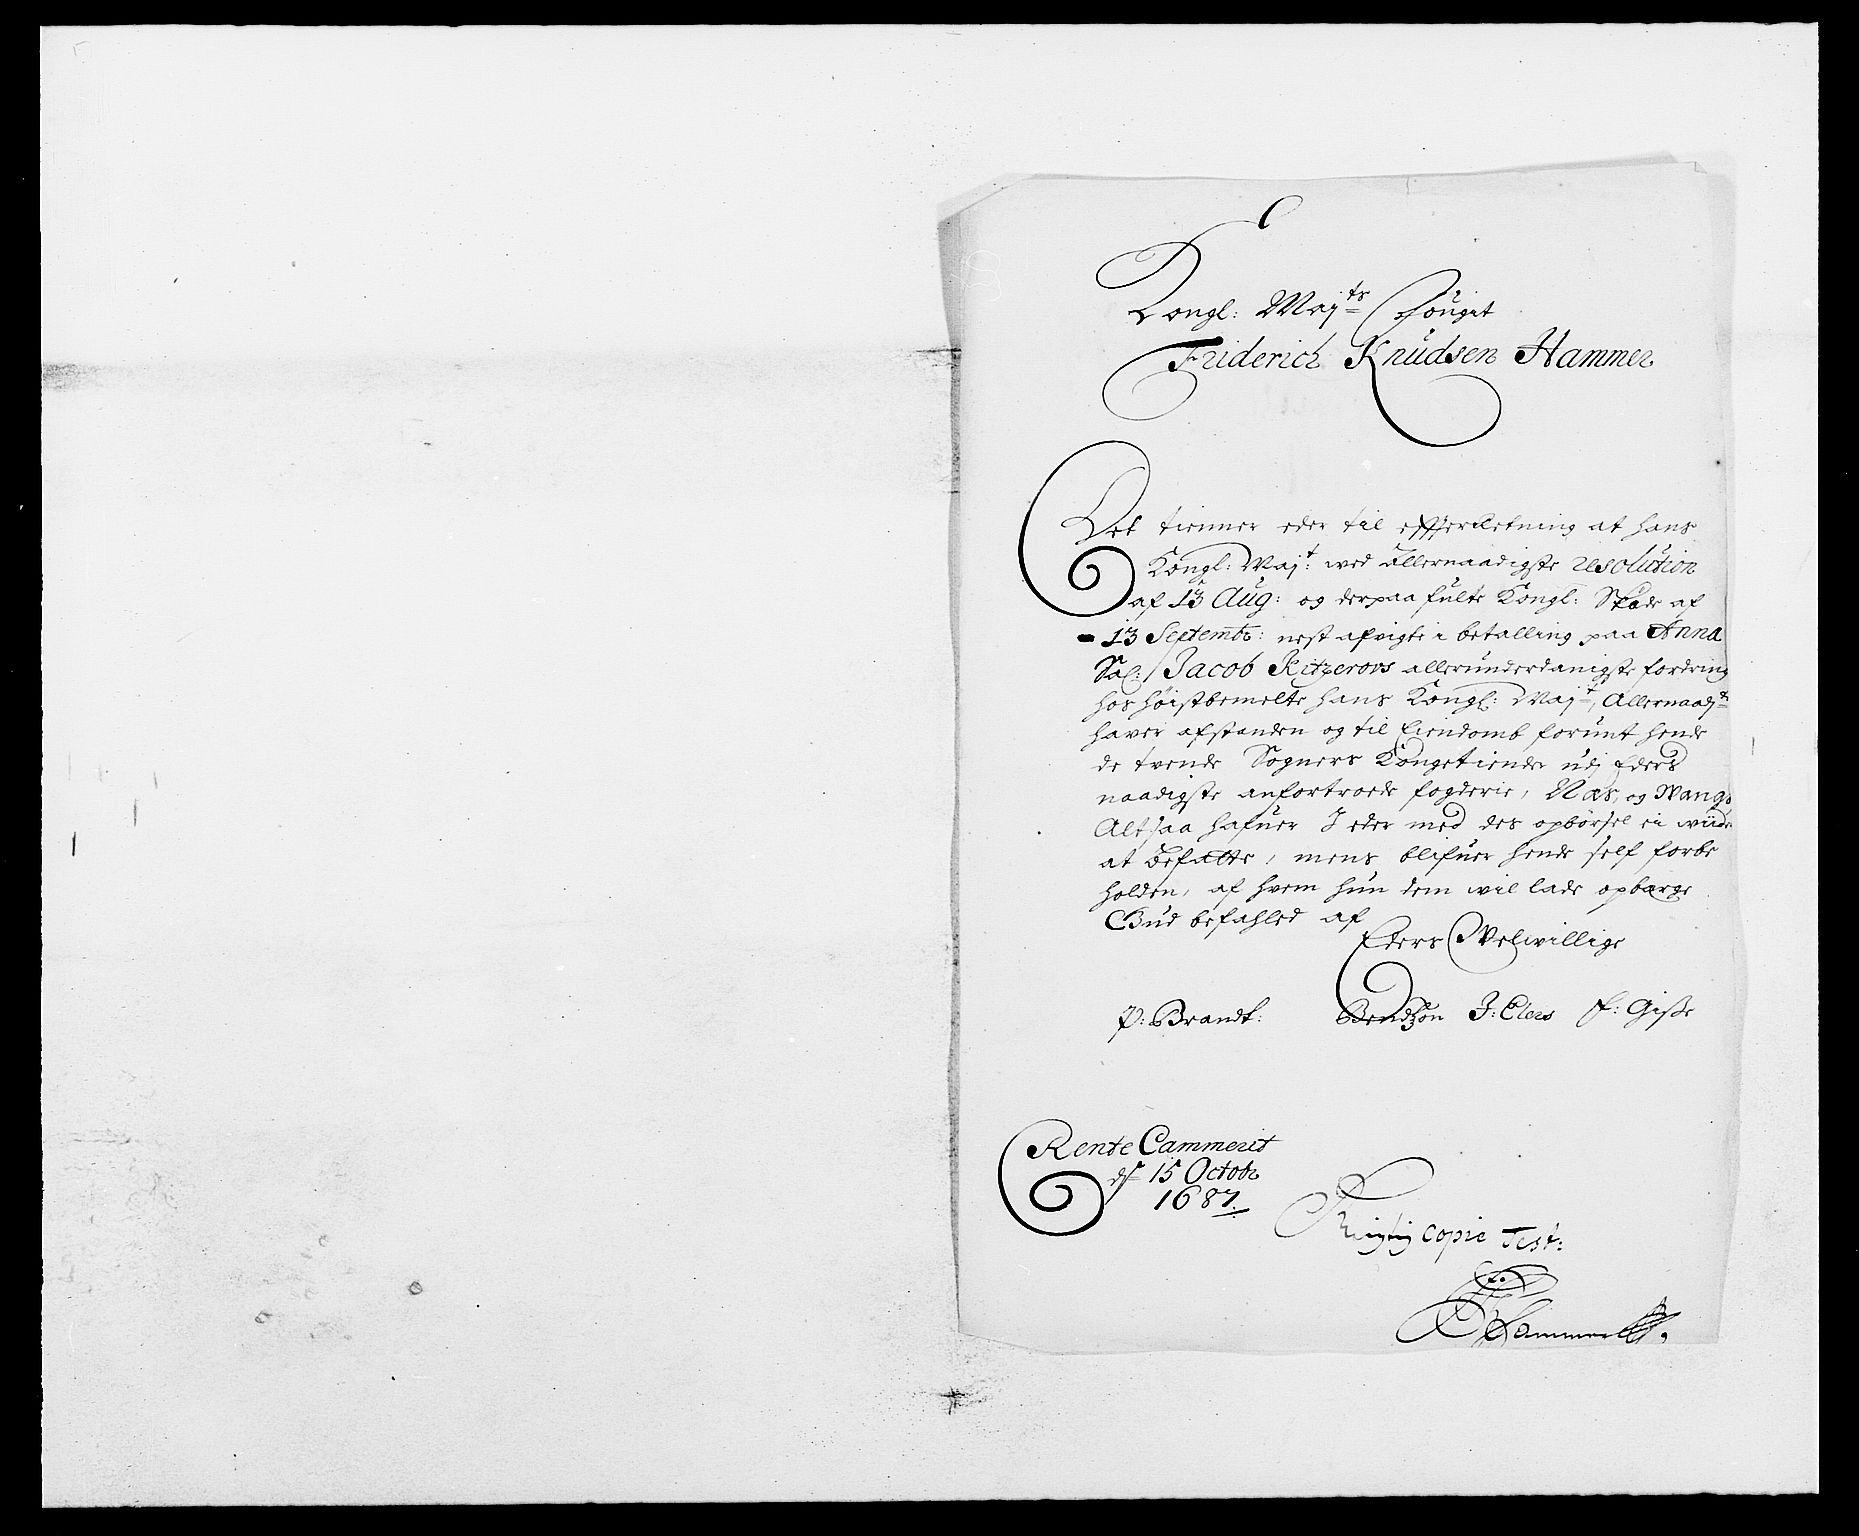 RA, Rentekammeret inntil 1814, Reviderte regnskaper, Fogderegnskap, R16/L1028: Fogderegnskap Hedmark, 1687, s. 66